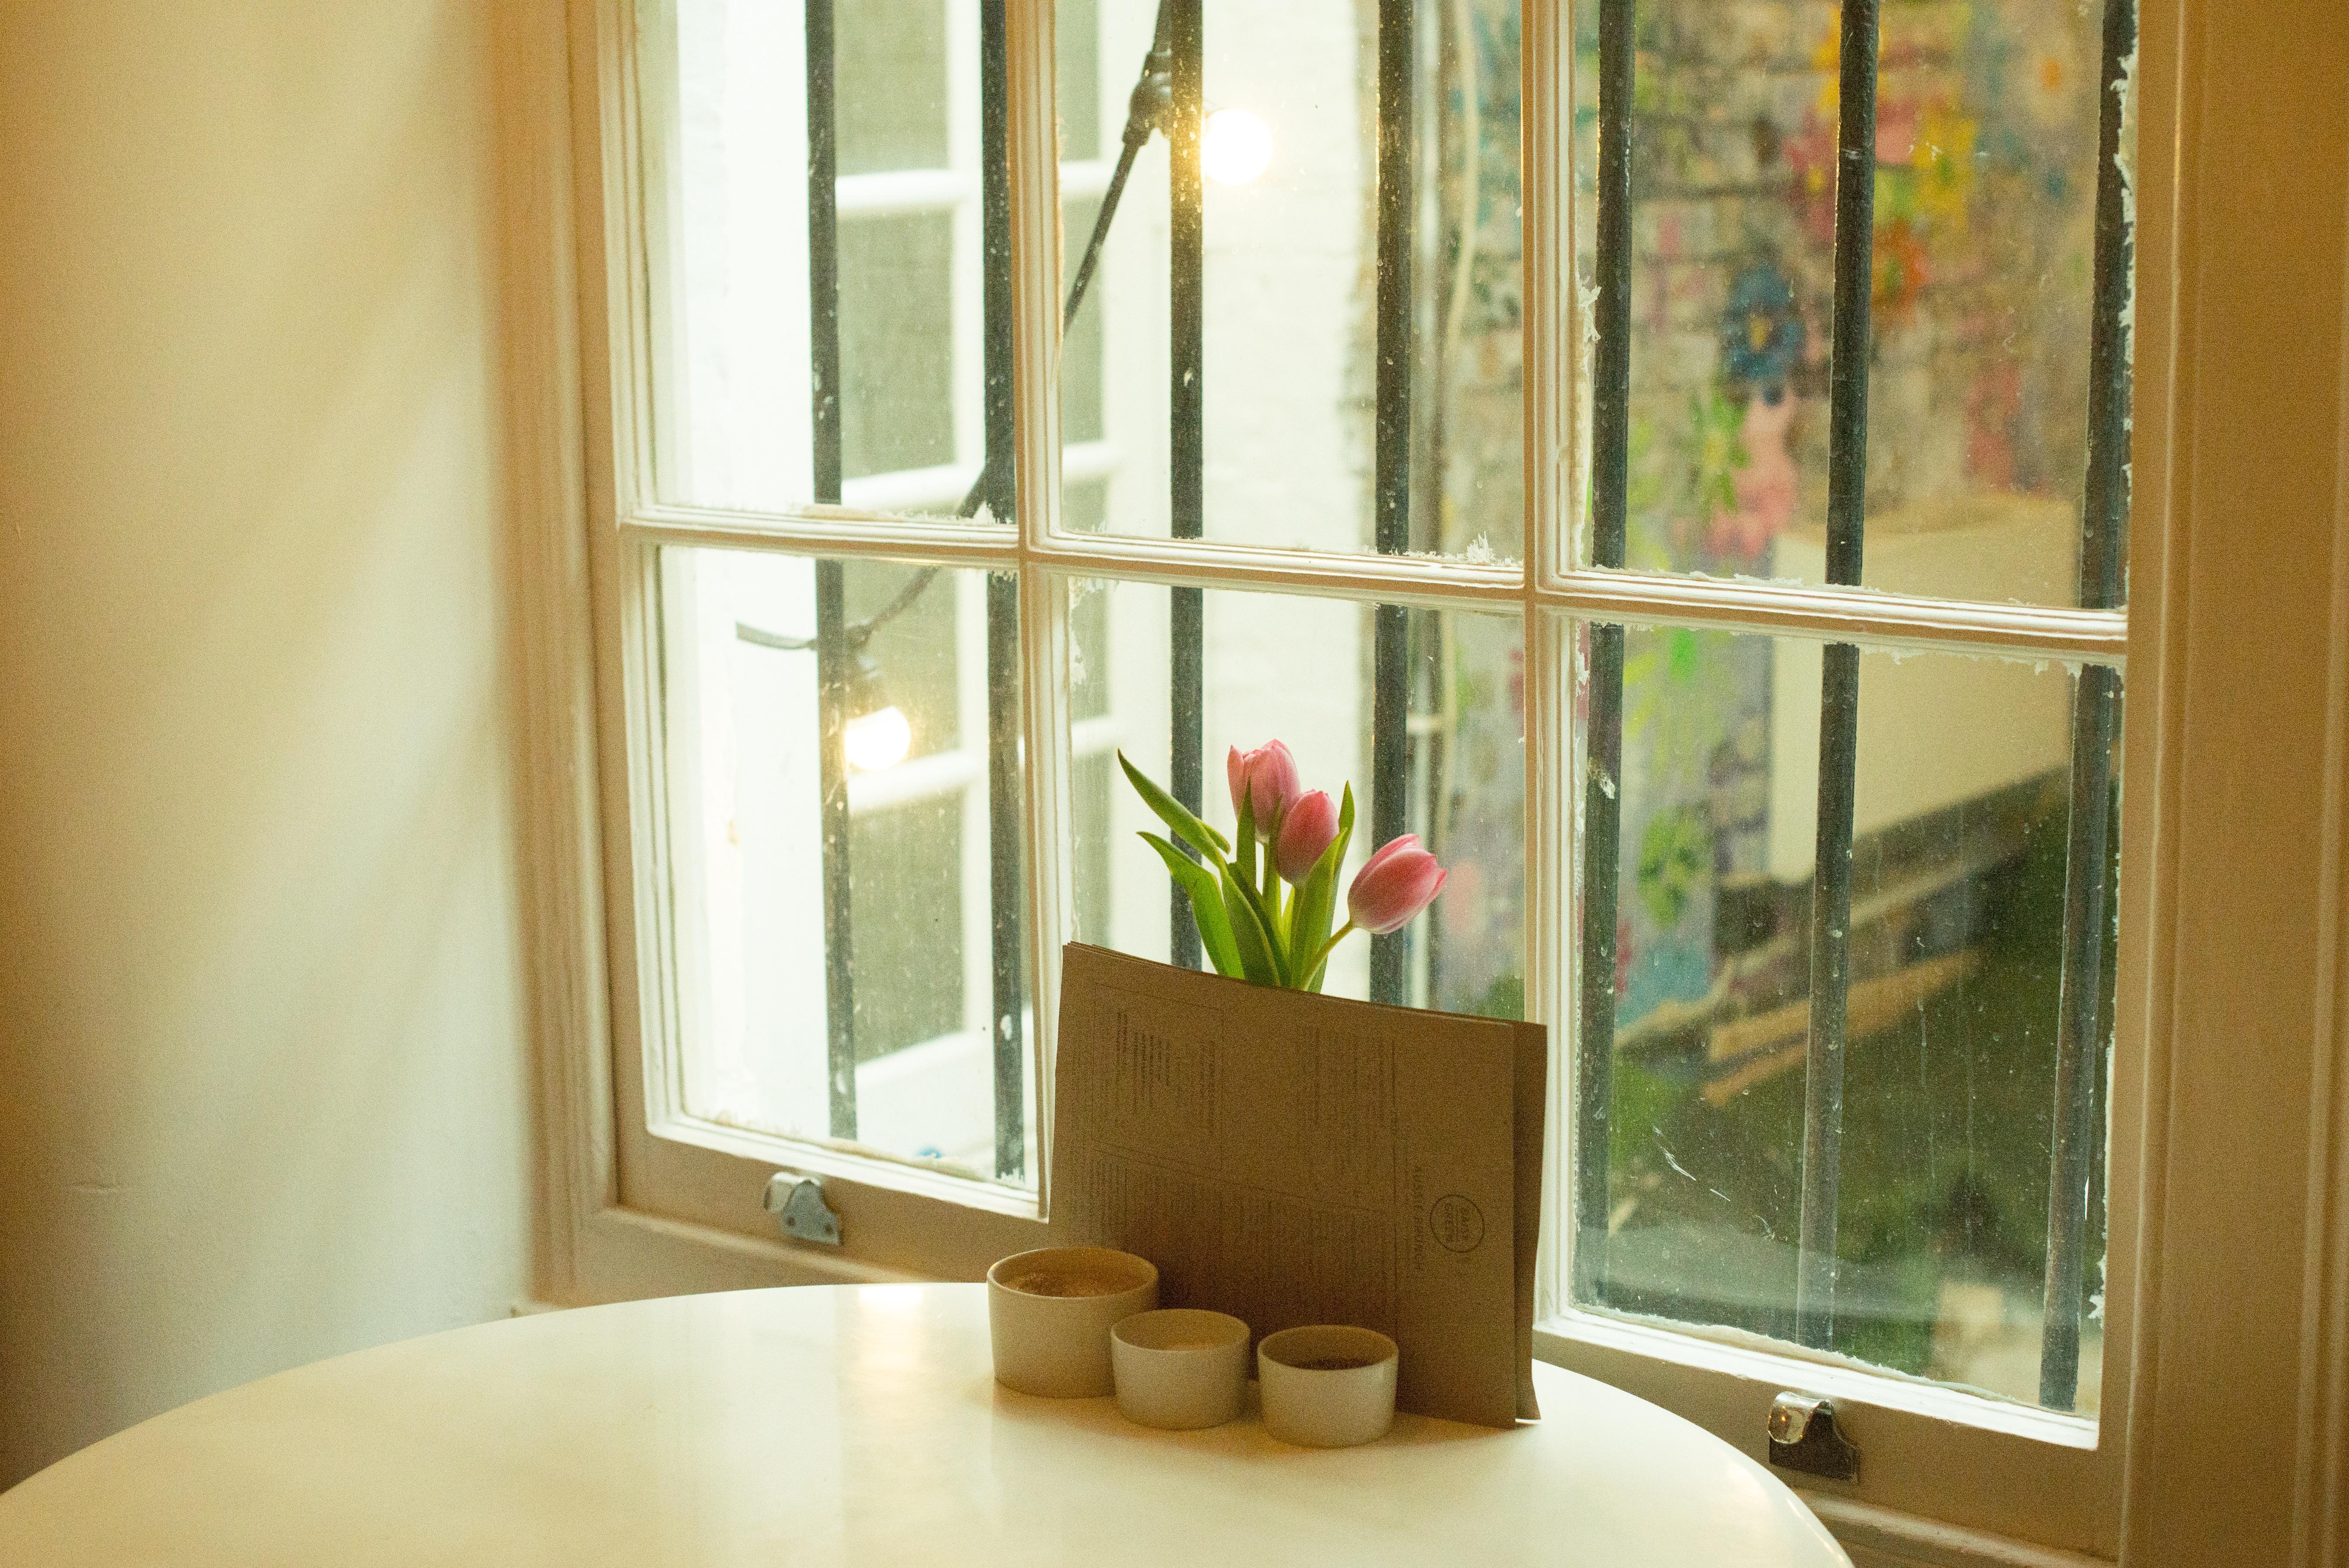 무료 이미지 : 집, 유리, 벽, 커튼, 거실, 가구, 방, 아파트 ...